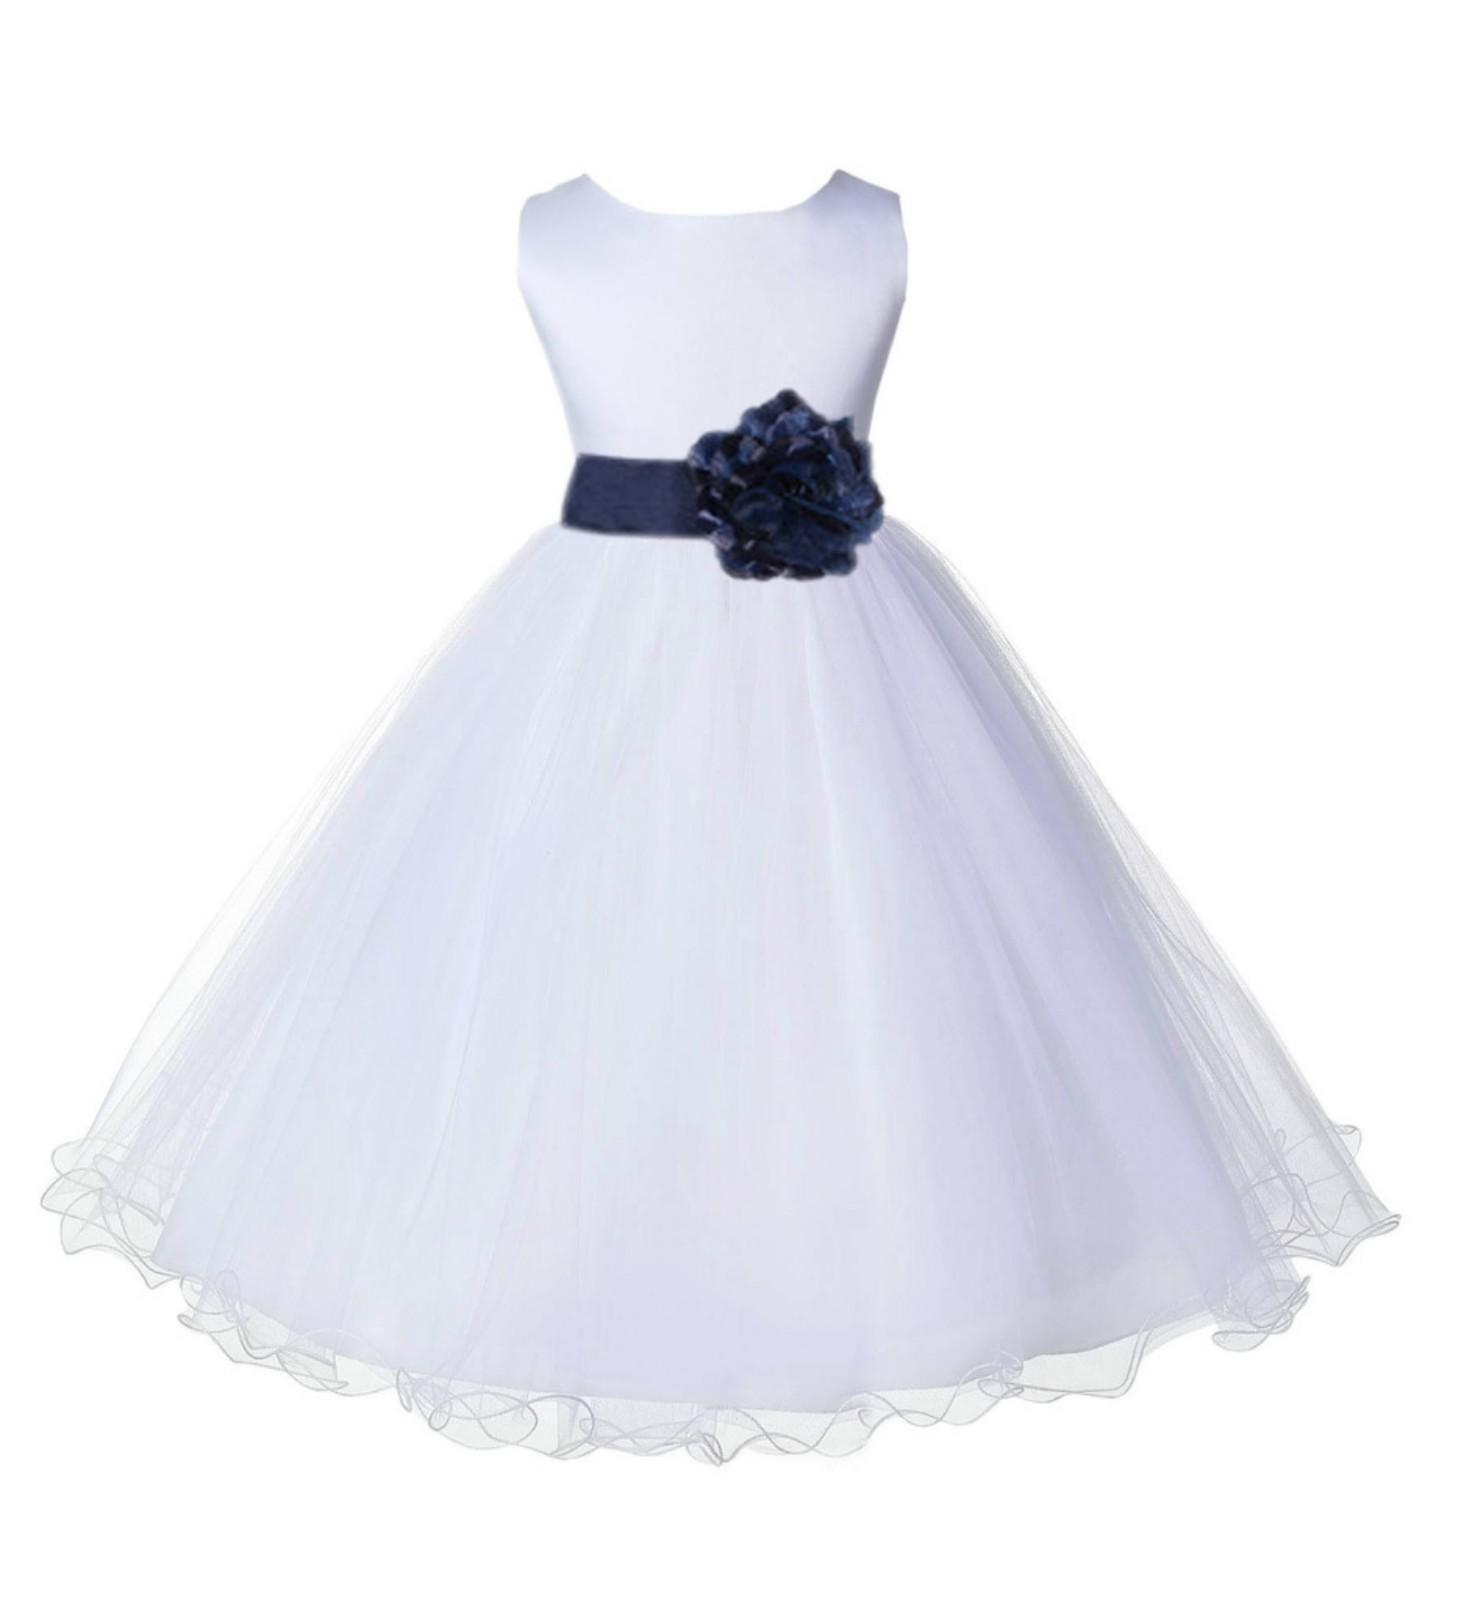 White/Marine Tulle Rattail Edge Flower Girl Dress Wedding Bridal 829S